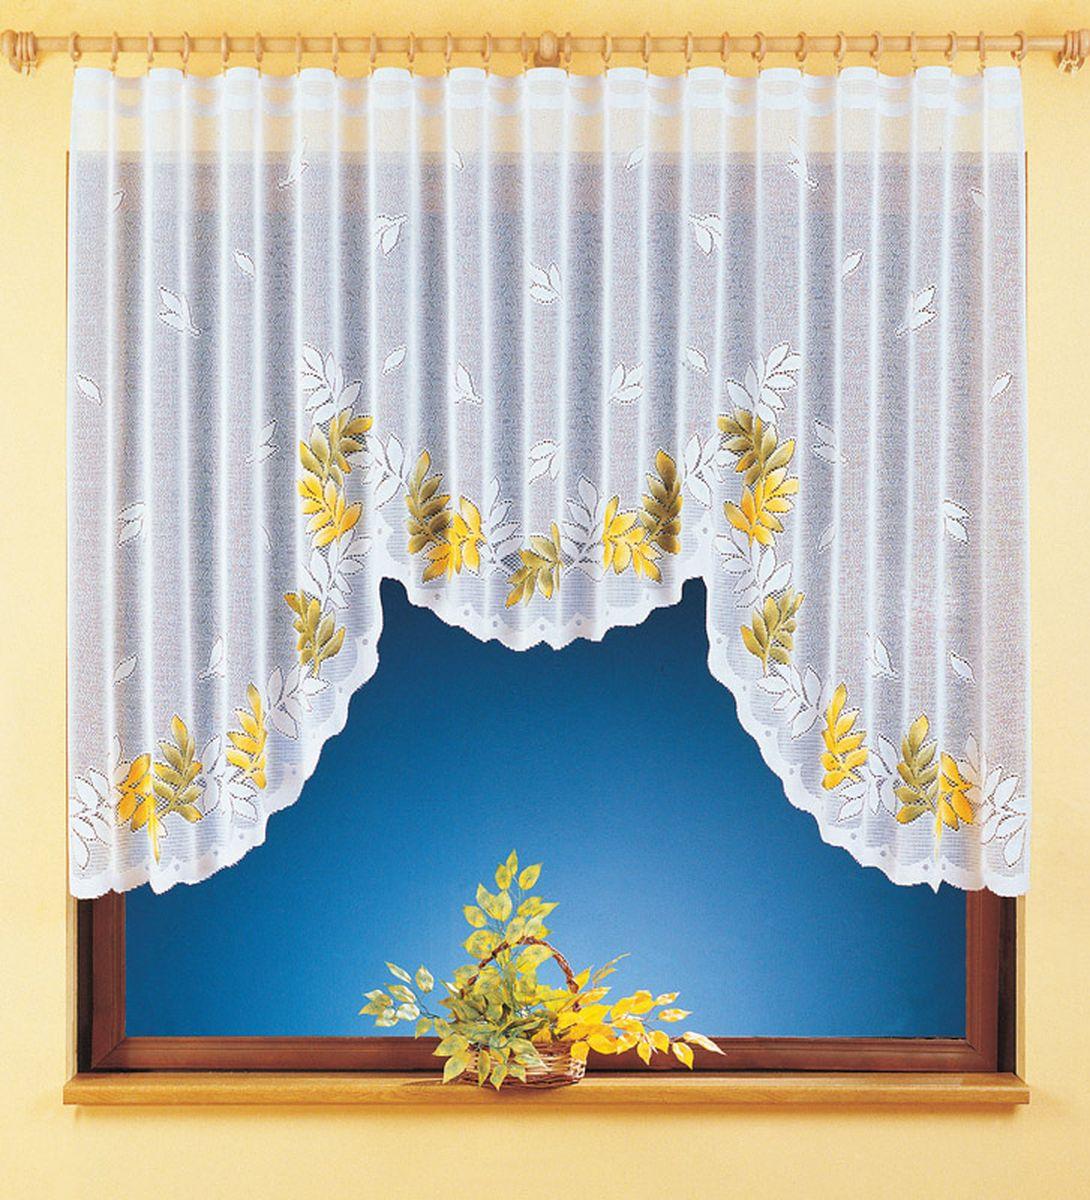 Гардина Wisan Yulia, на ленте, цвет: белый, высота 150 см9342Воздушная гардина Wisan Yulia, изготовленная из полиэстера, станет великолепным украшением любого окна. Изделие украшено ручной раскраской в виде листьев. Оригинальное оформление гардины внесет разнообразие и подарит заряд положительного настроения.Гардина оснащена шторной лентой для крепления на карниз.